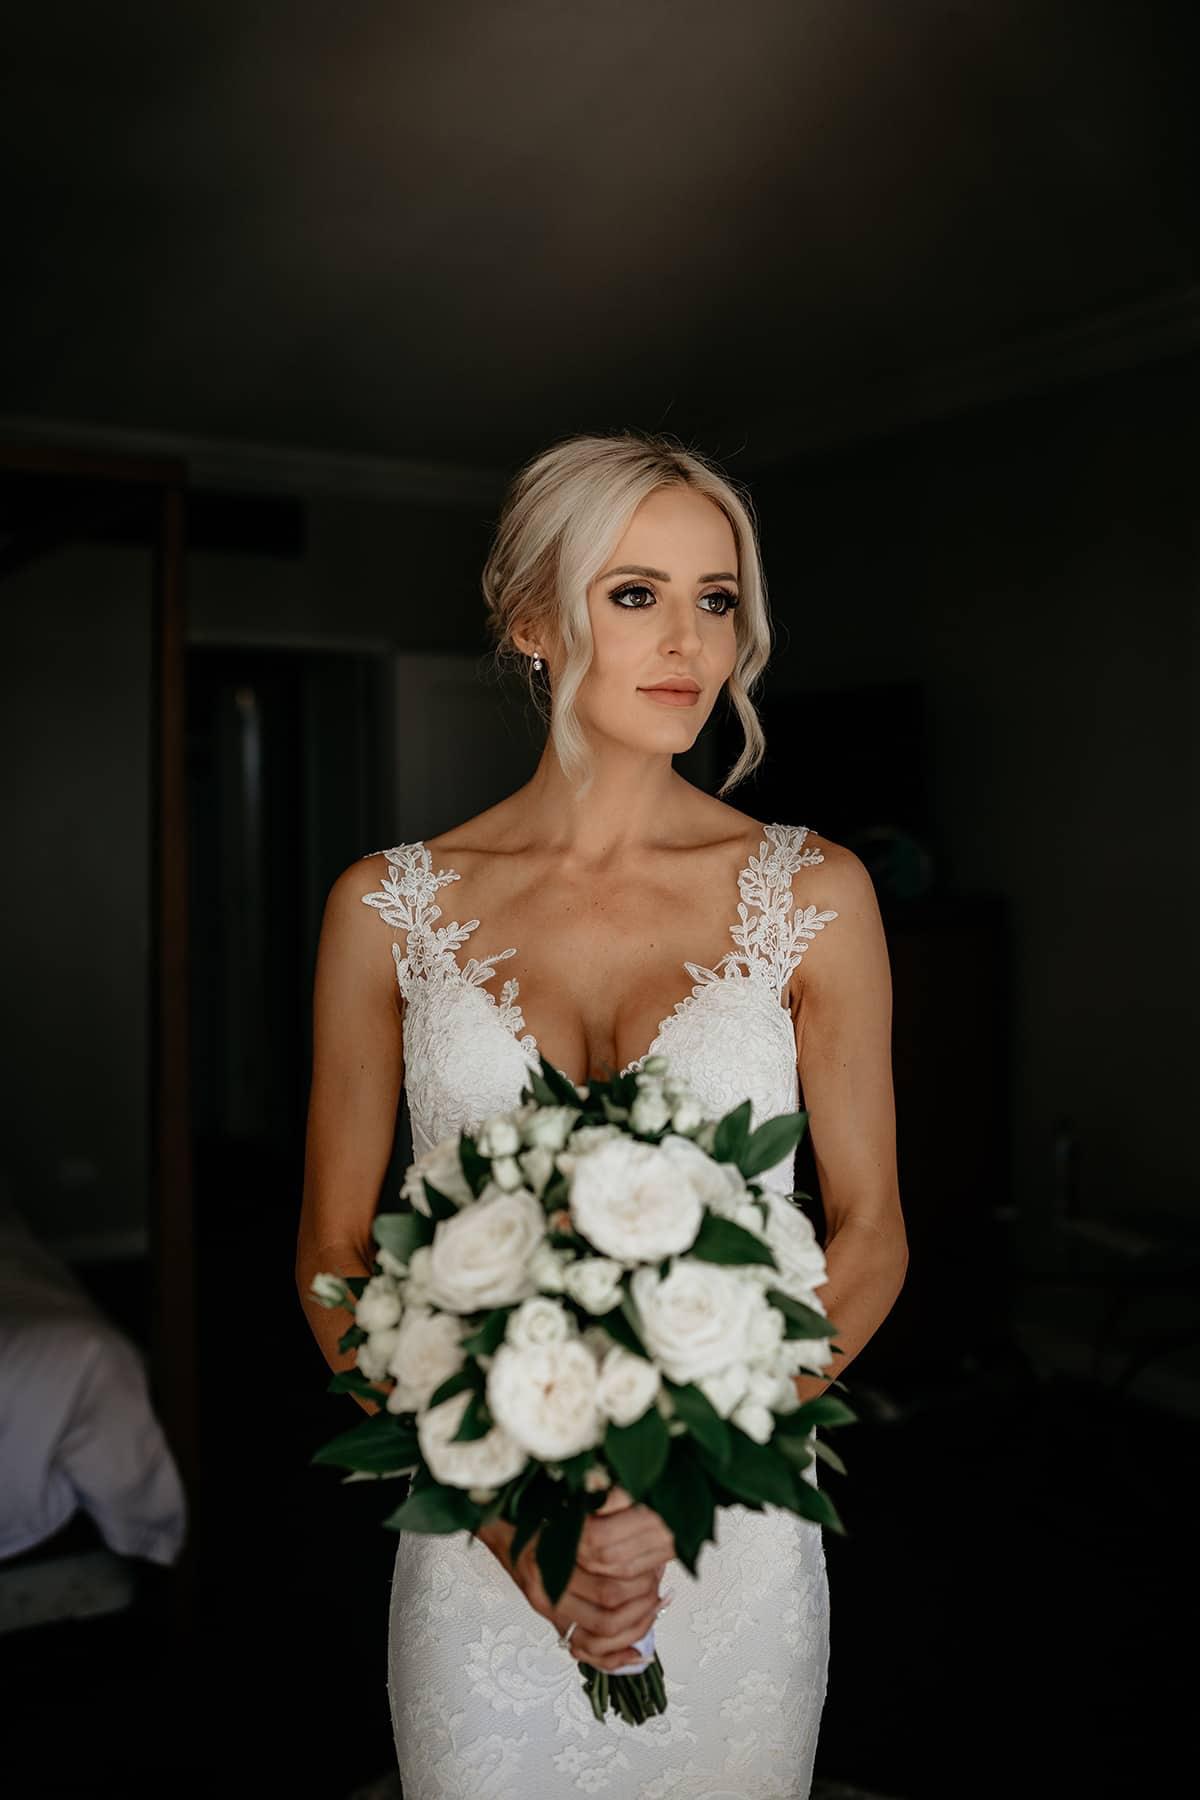 Stephanie Anders Nude Photos 4